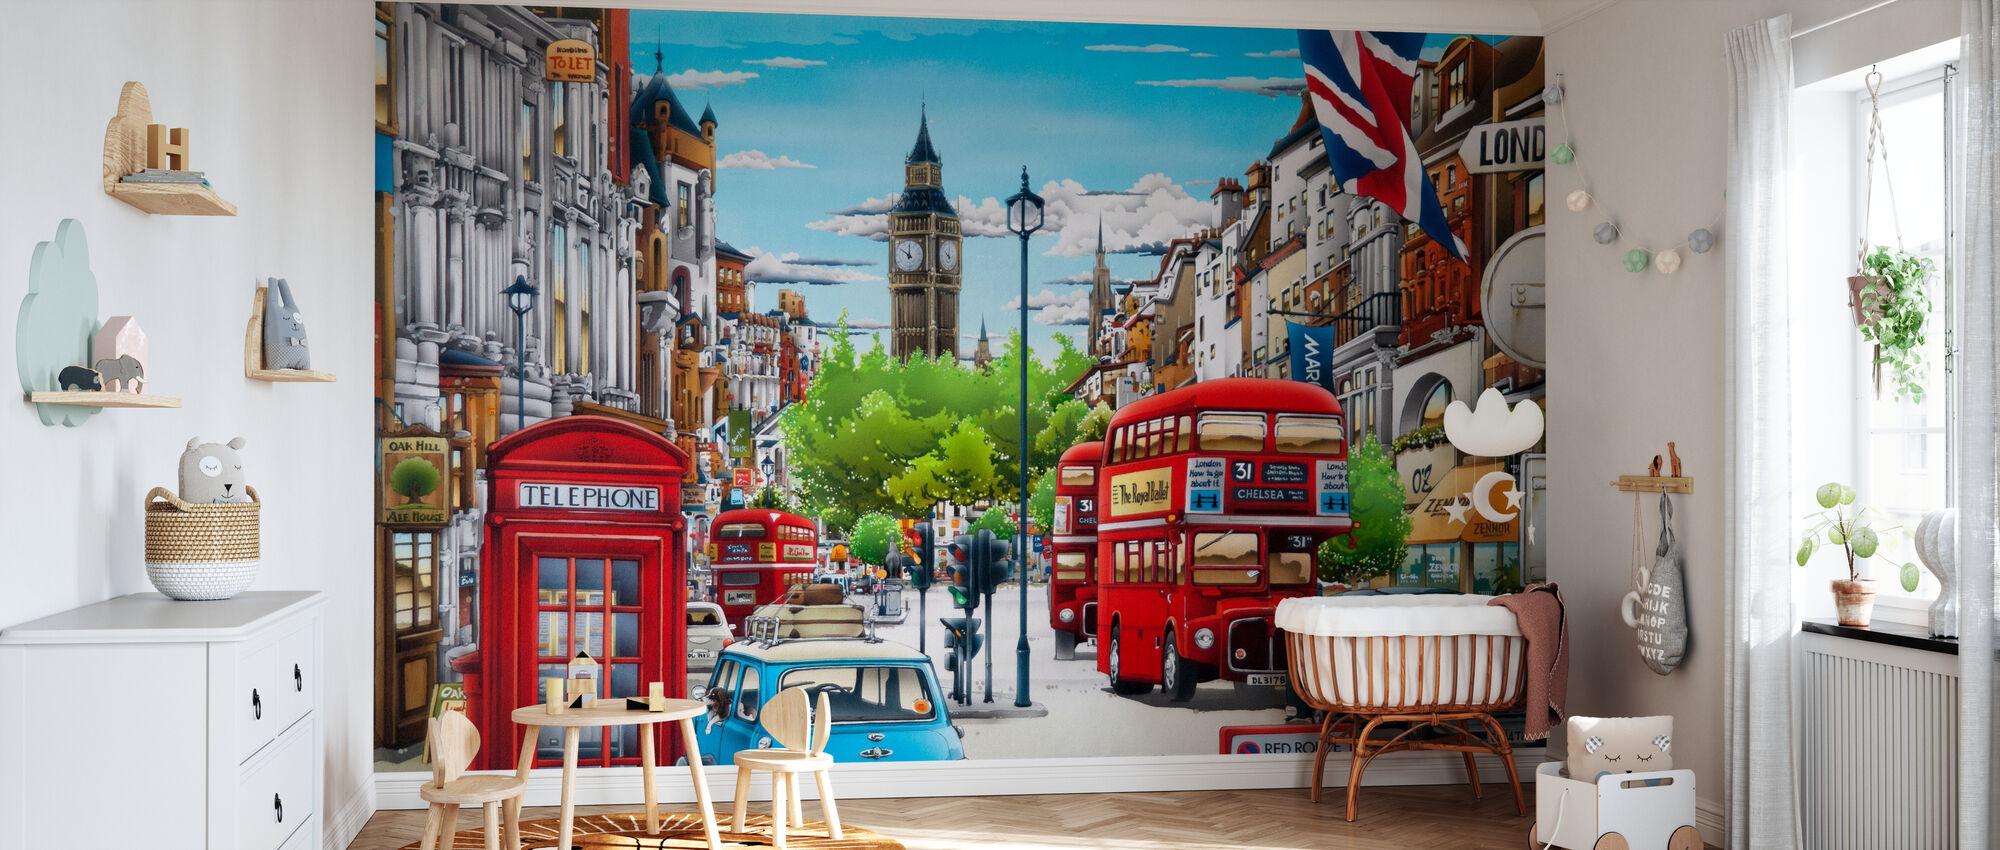 London - Wallpaper - Nursery